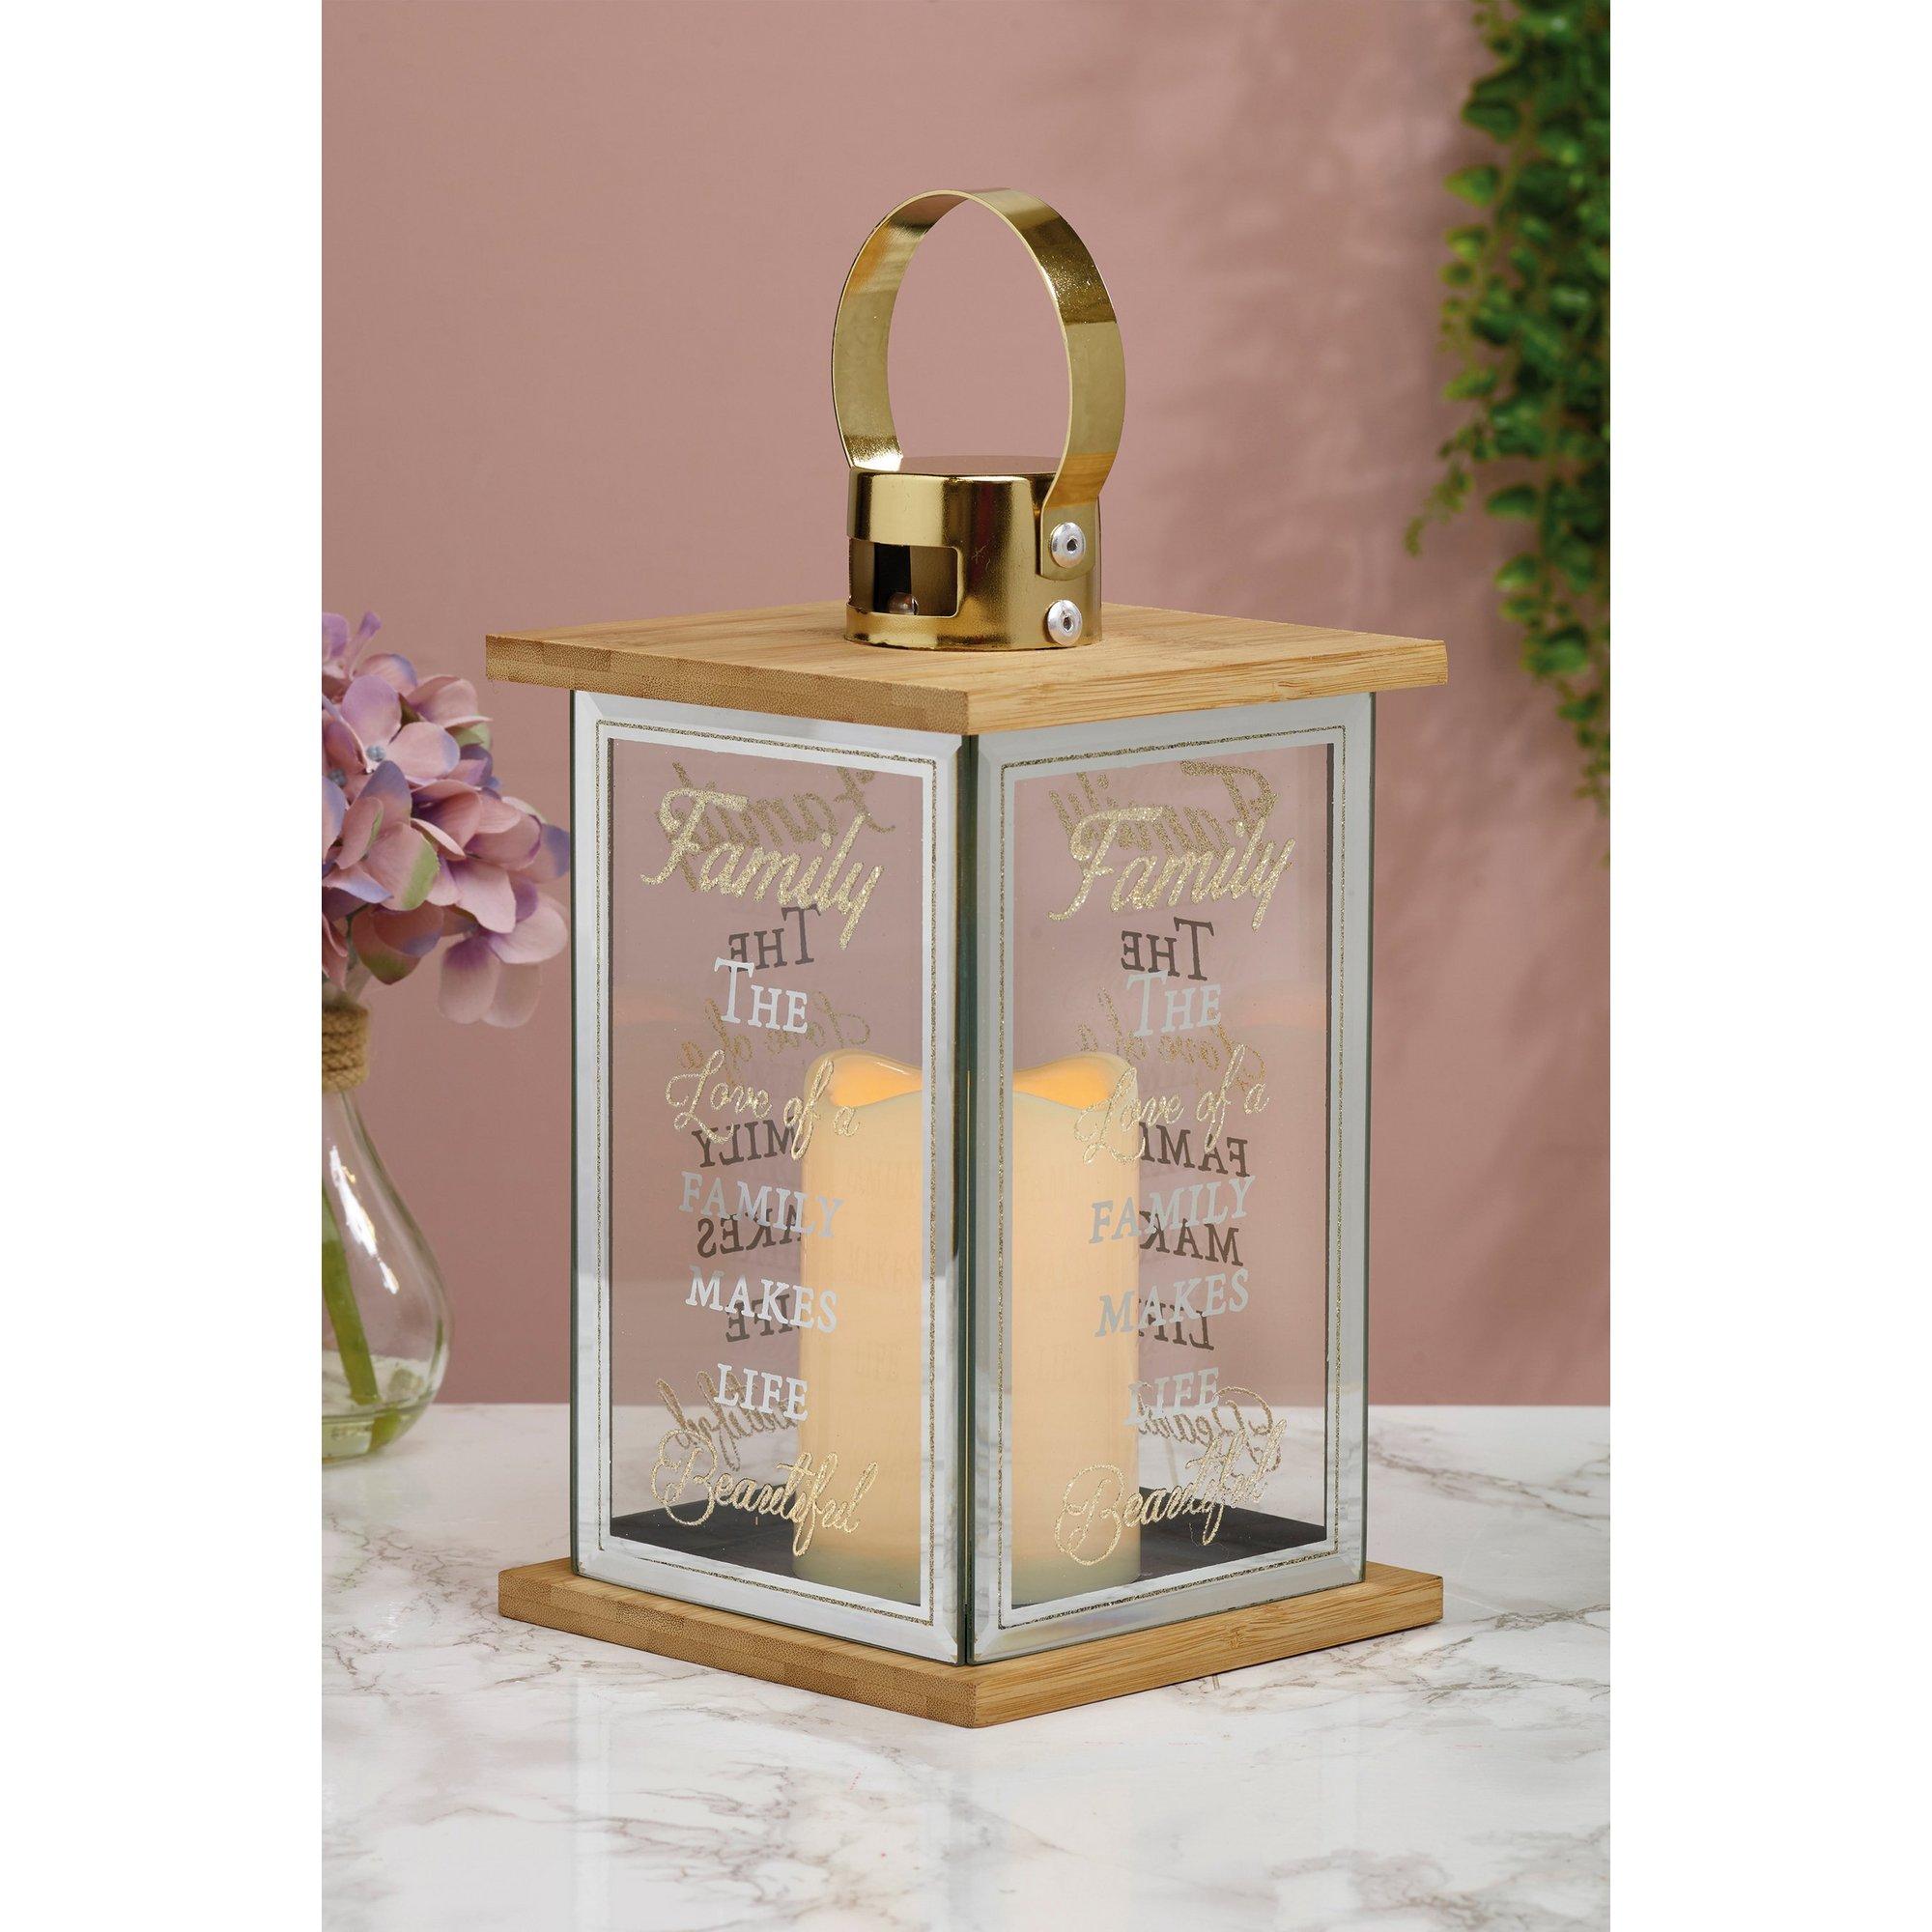 Image of LED Family Glass Lantern